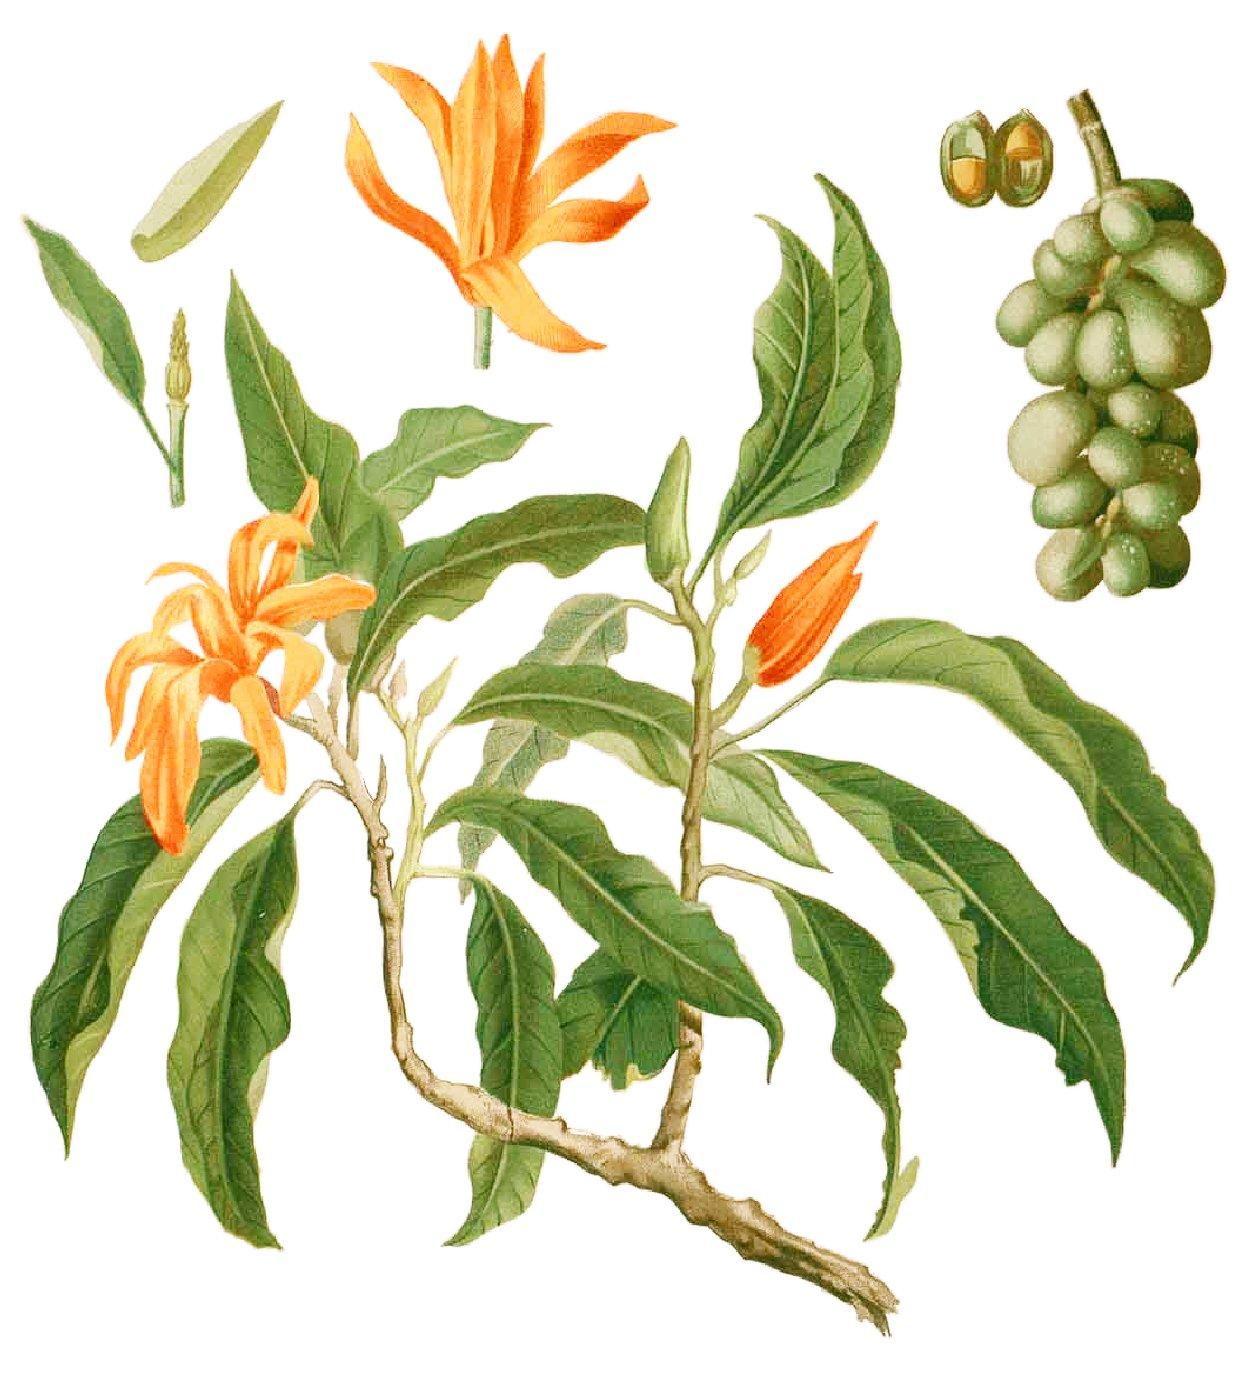 hight resolution of magnolium tree diagram